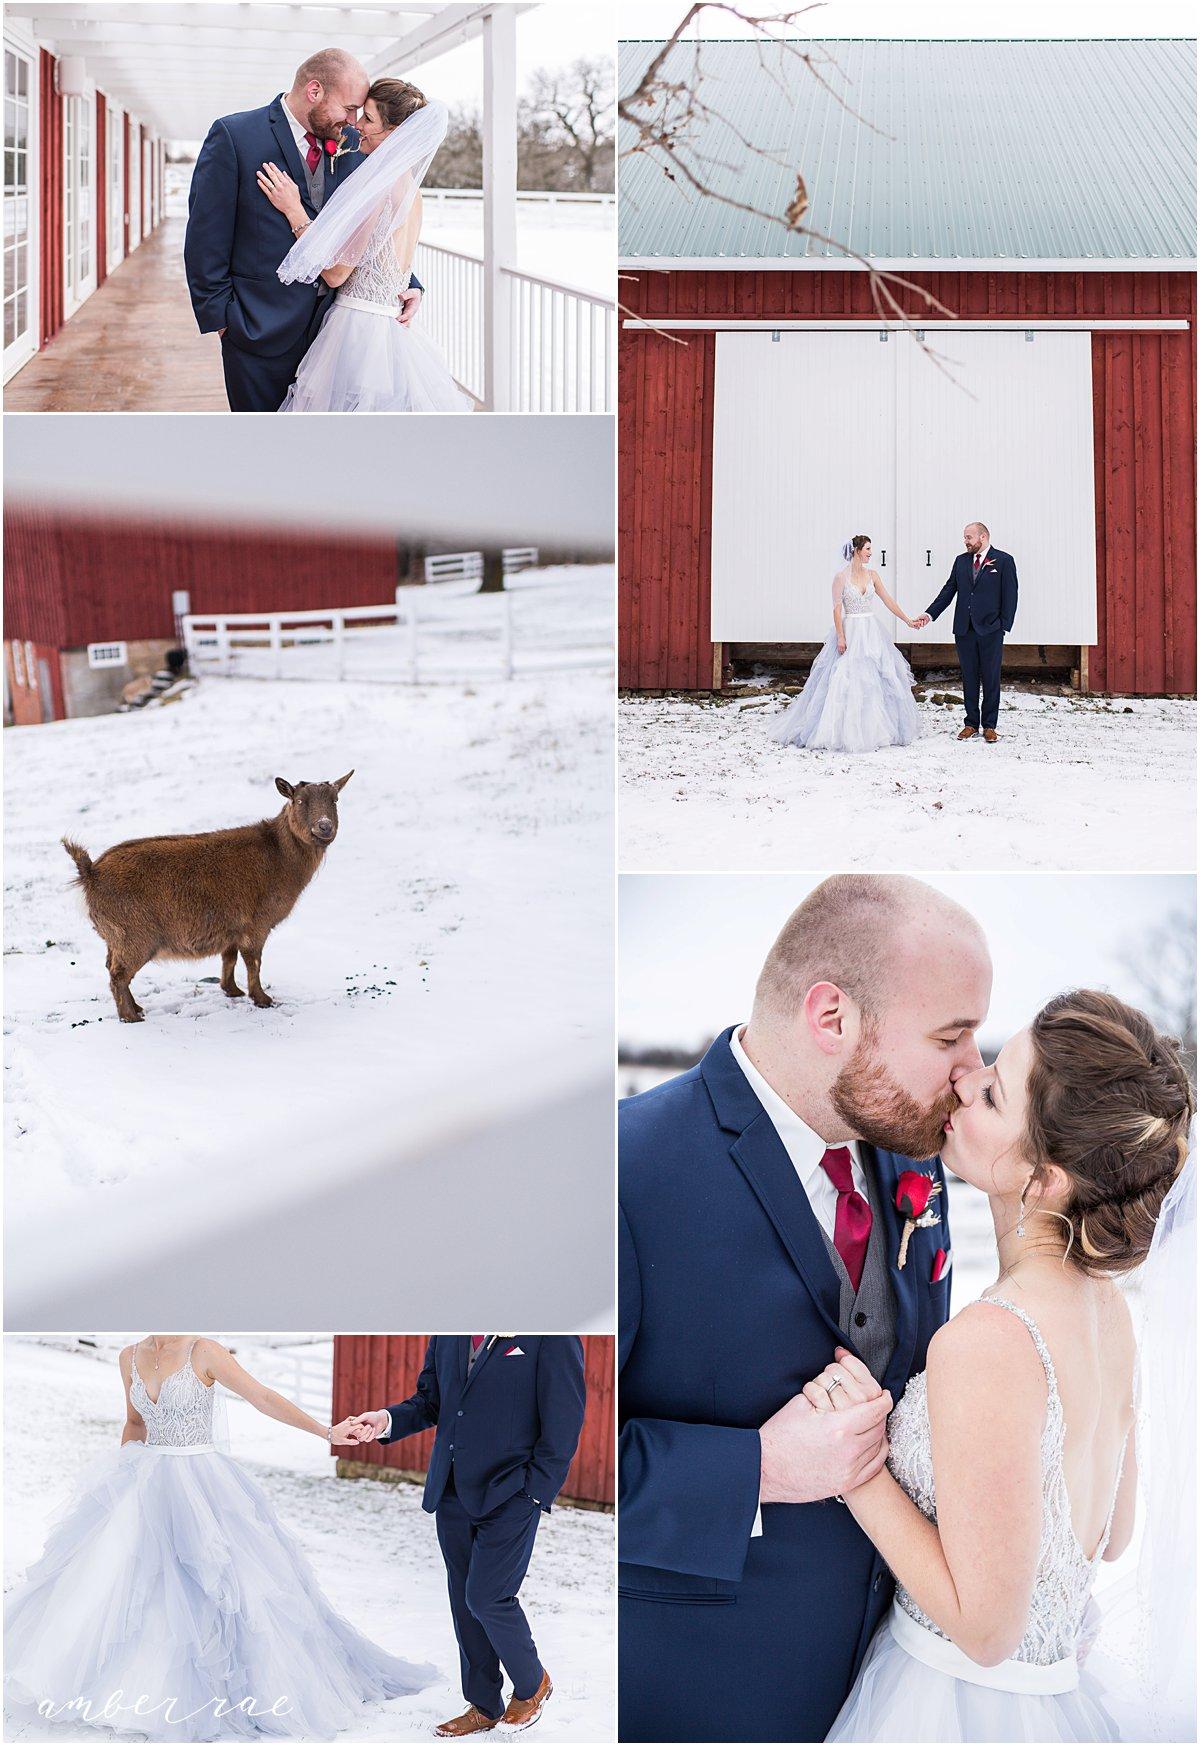 Helget Wedding Dec 2017_0019.jpg